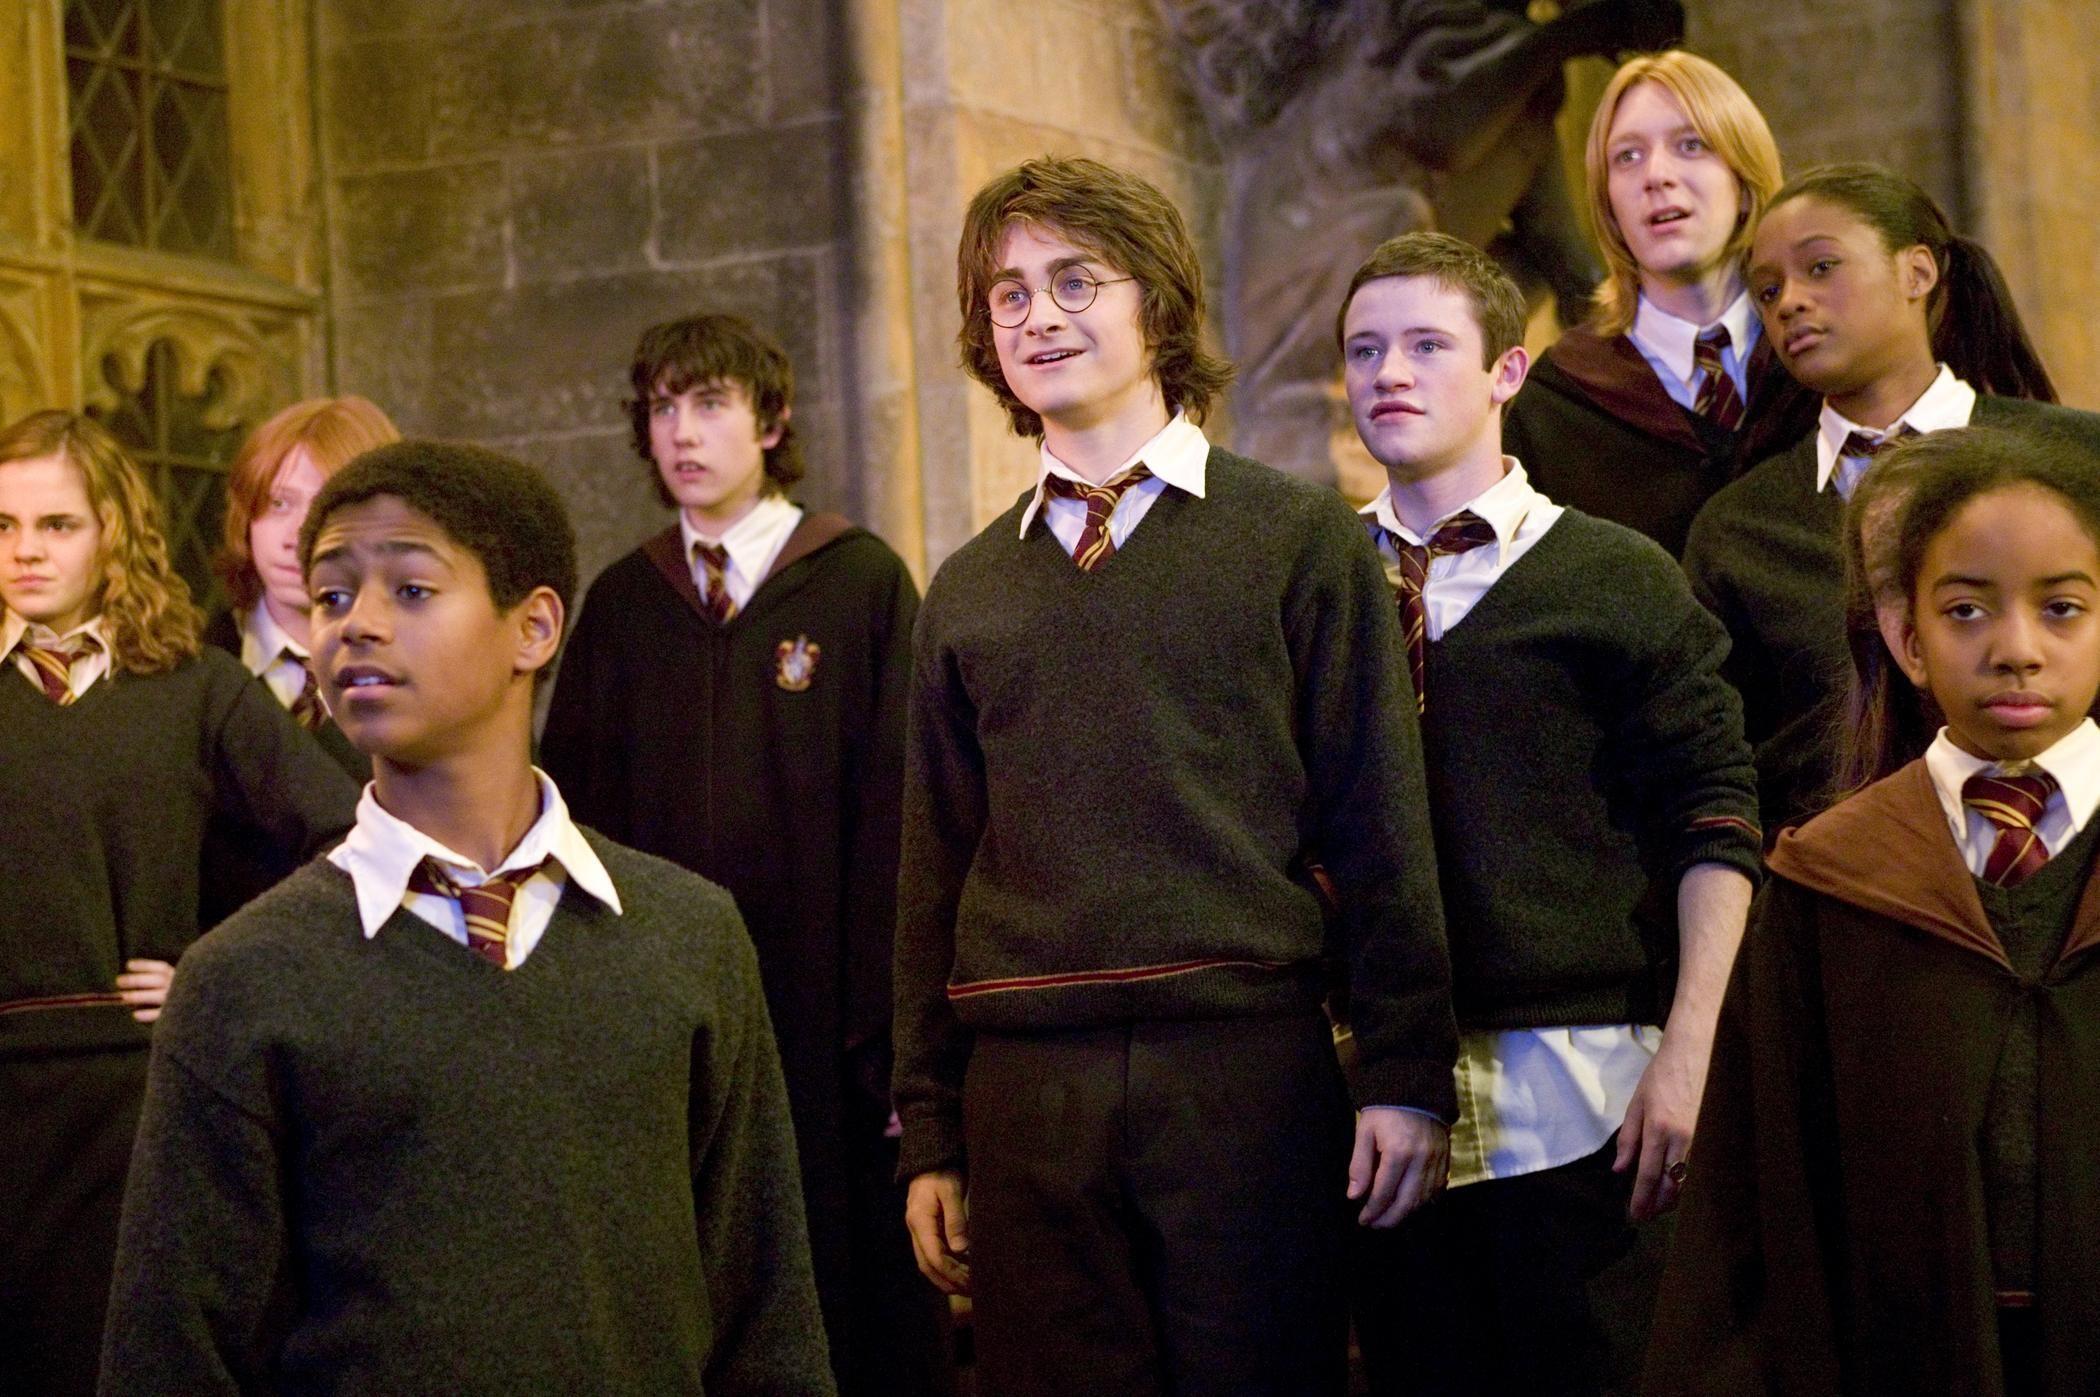 Sxetikh Eikona Personaggi Di Harry Potter Film Harry Potter Cast Harry Potter